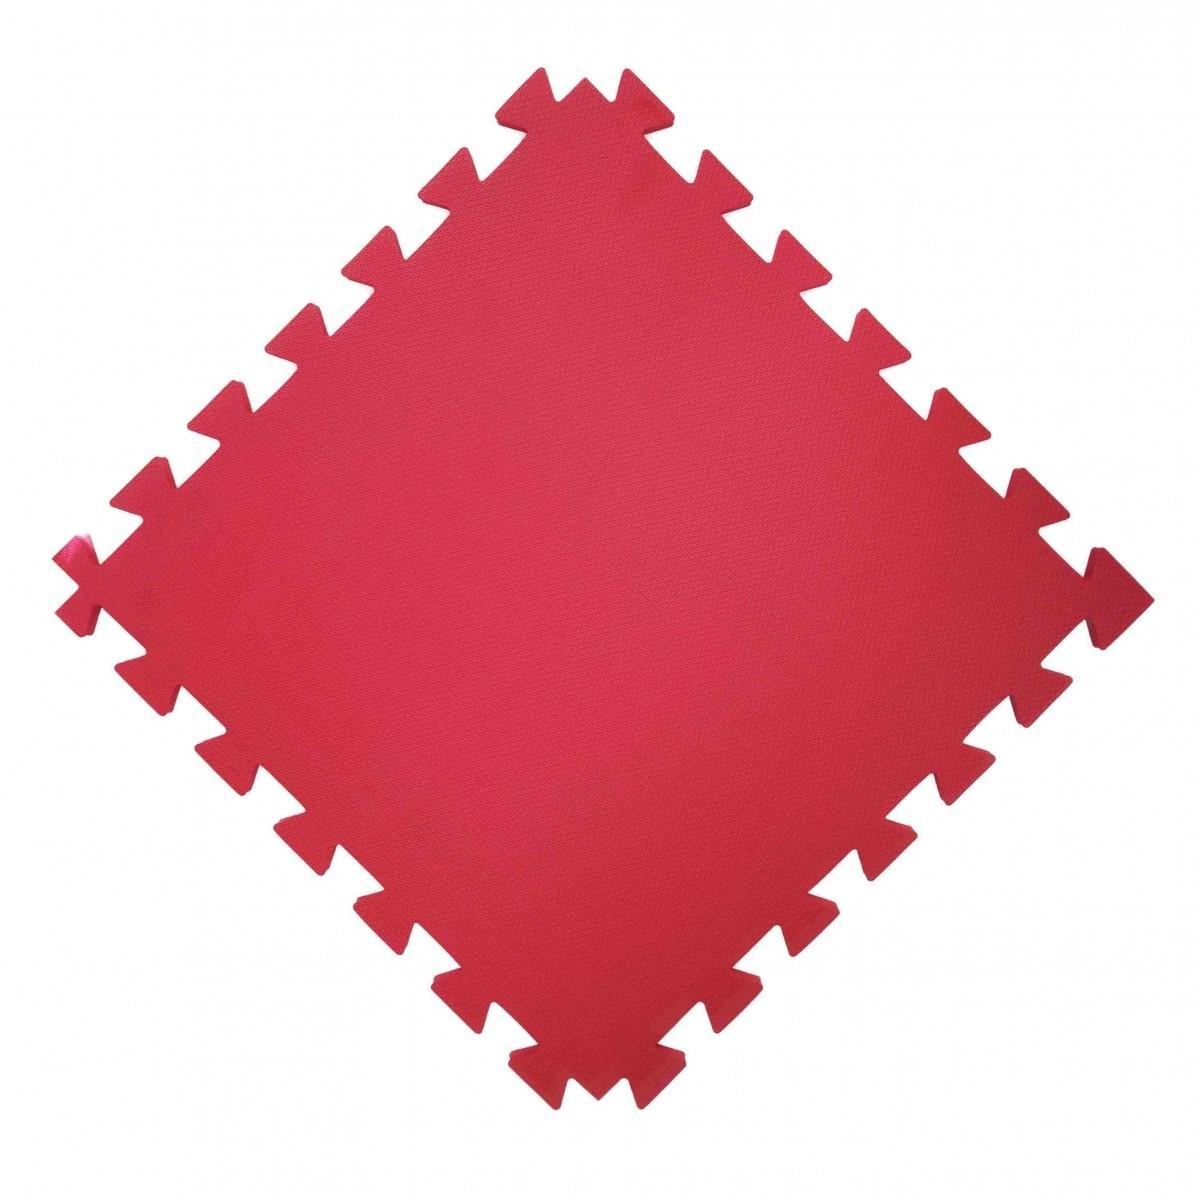 Tatame  100x100cm Com 15mm de Espessura  Vermelho  - Brindes Visão loja